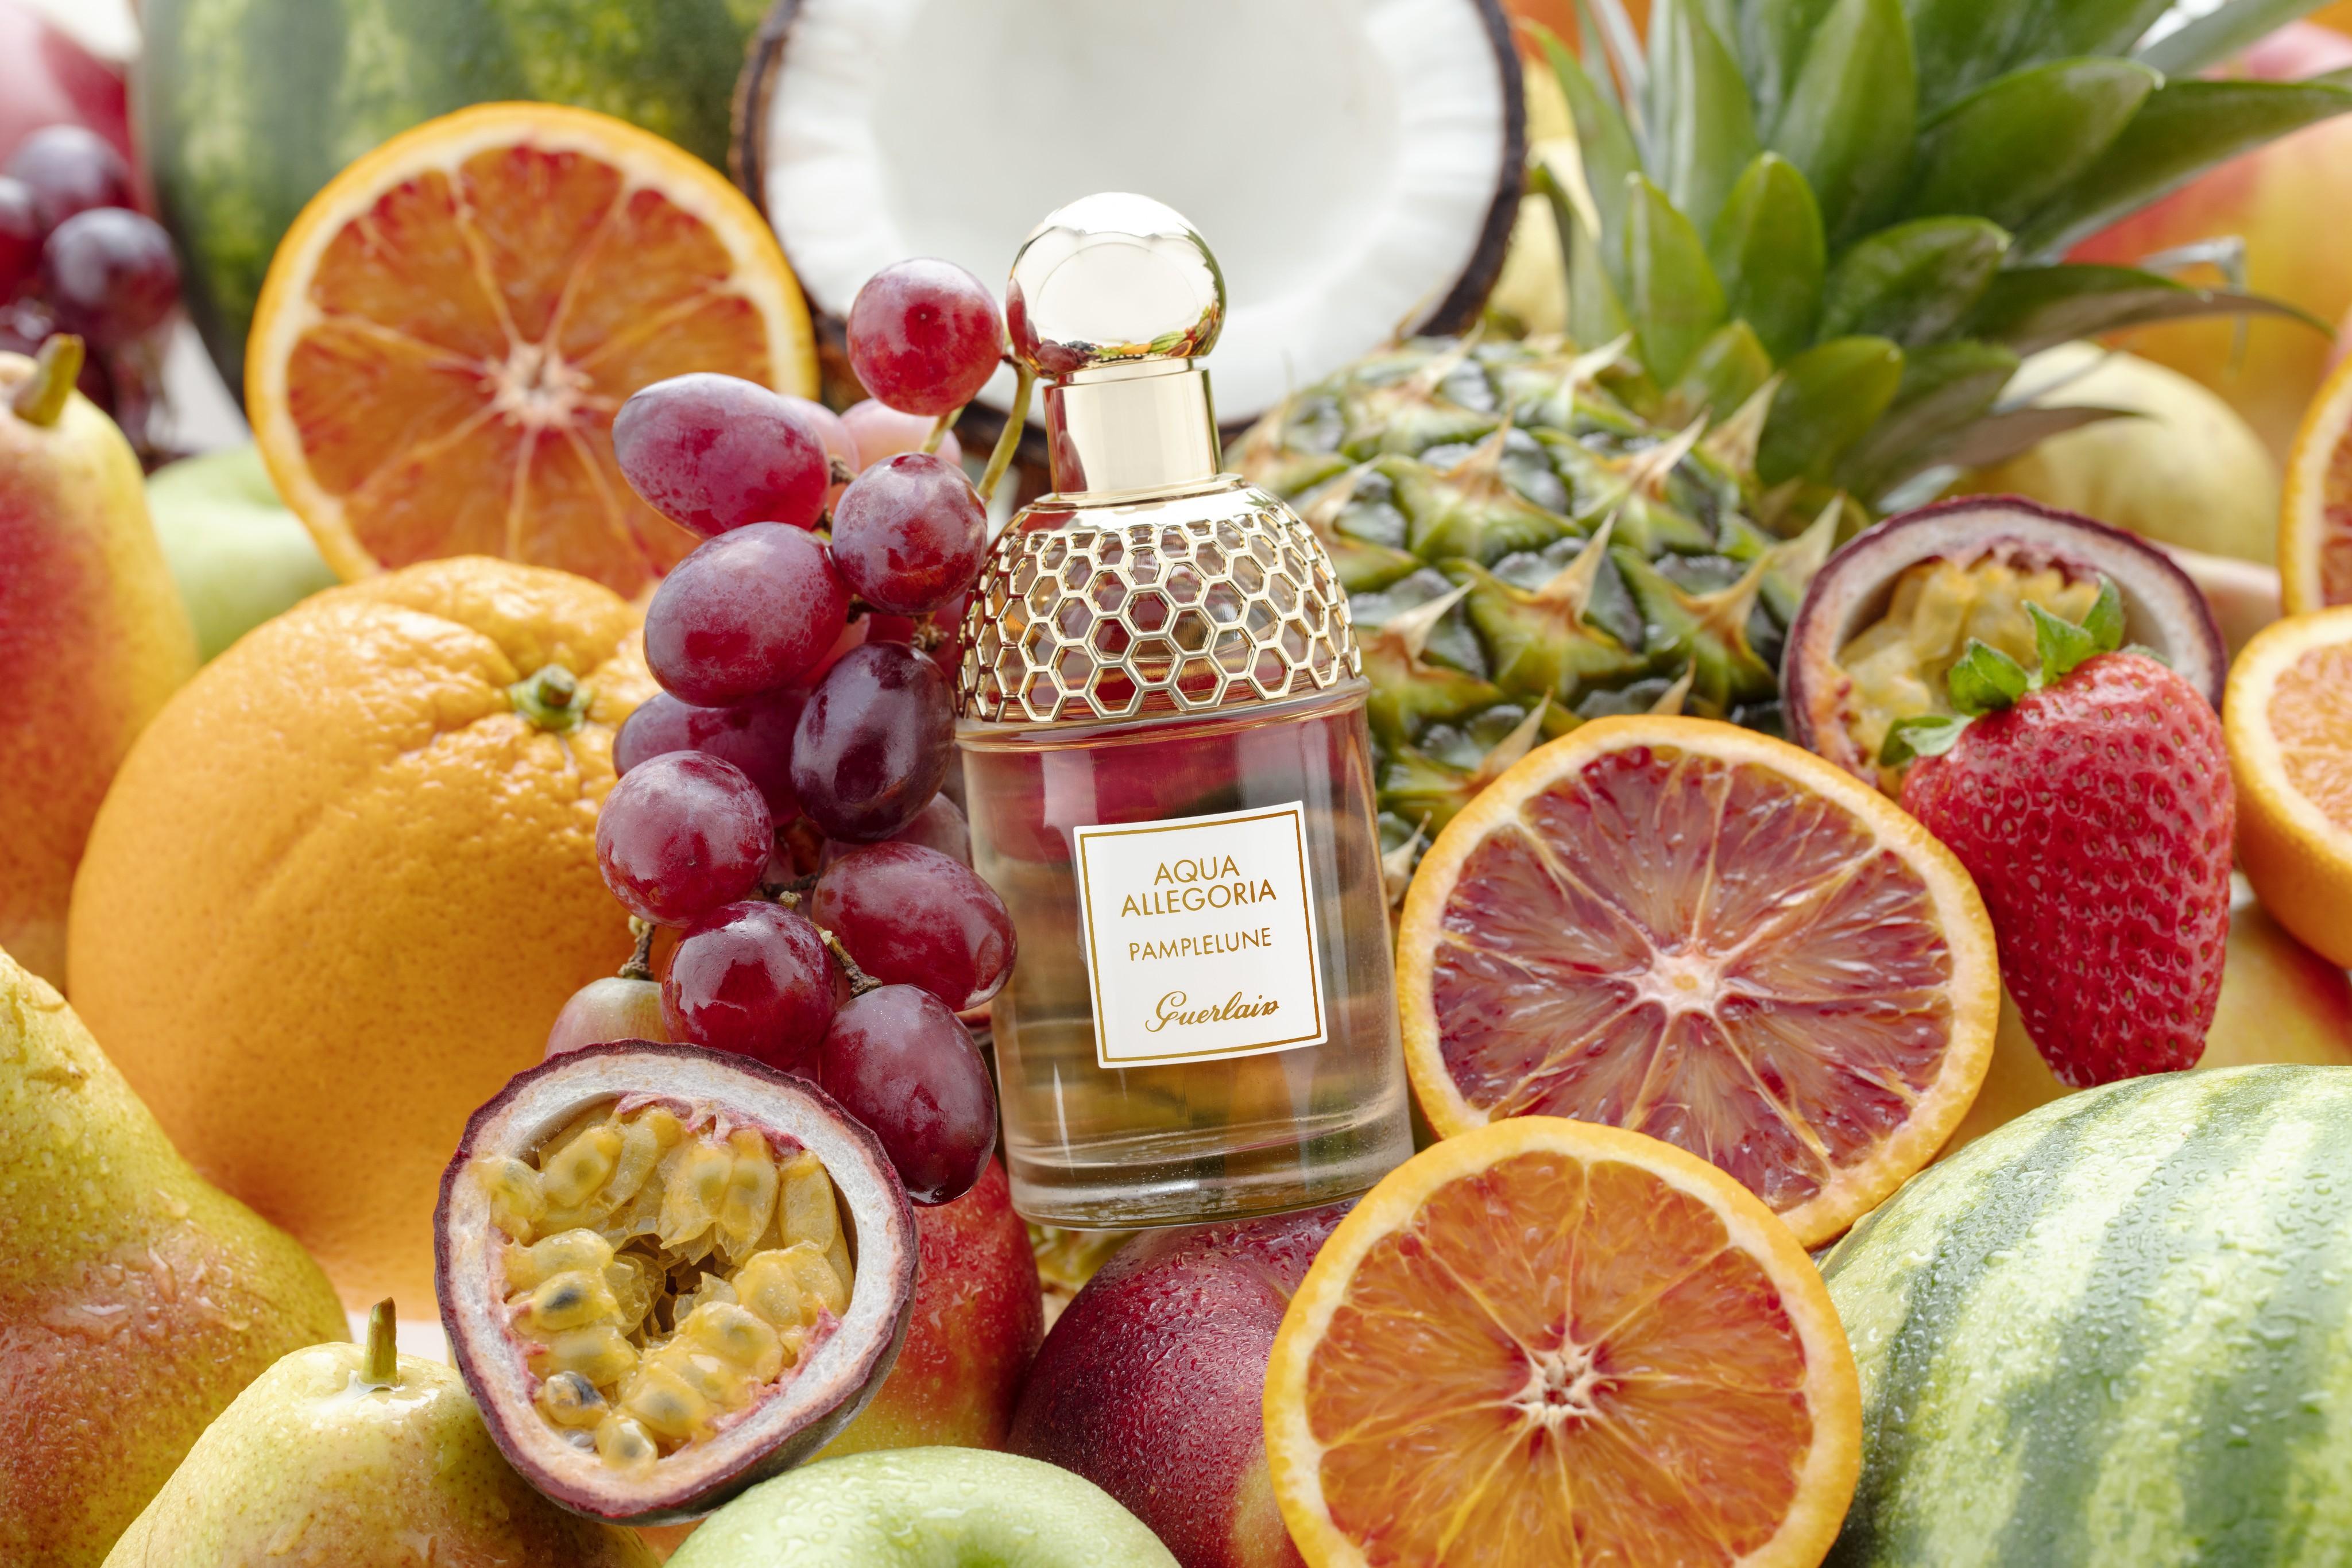 Fragrance-product-fruity-fragranceworld-scents-v2-Web-Rendition